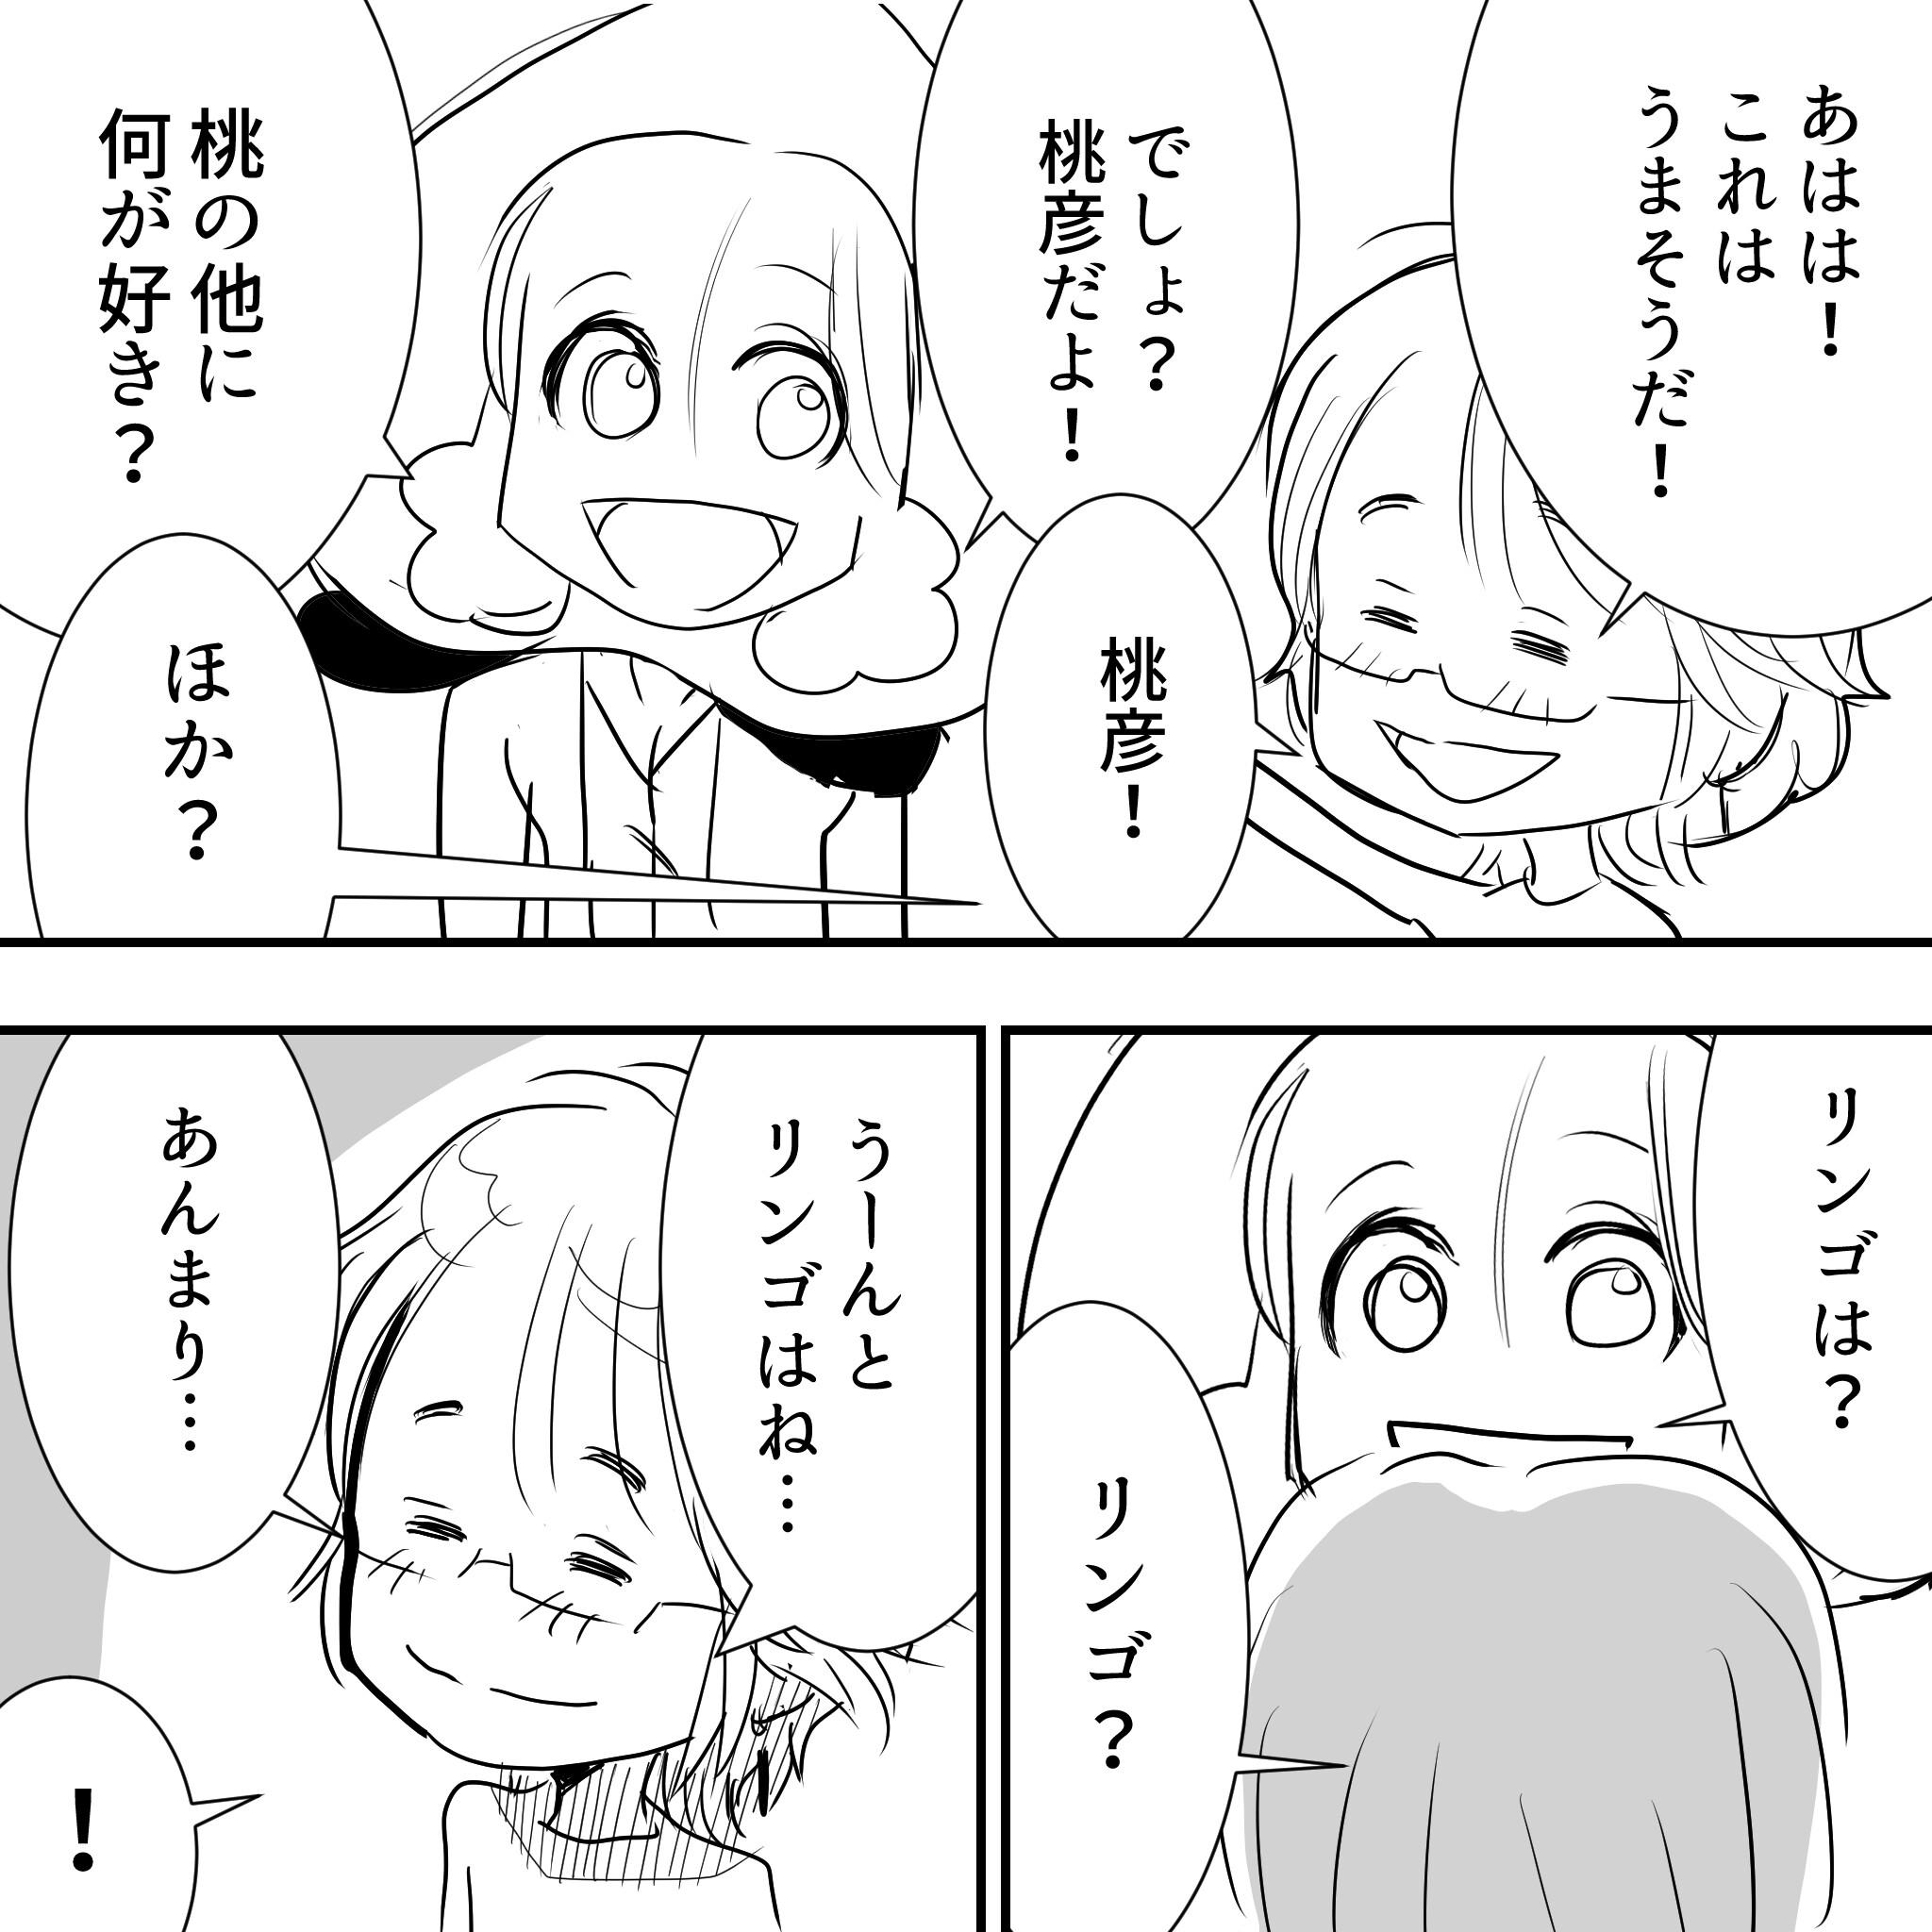 坂崎さんのすきなフルーツ4